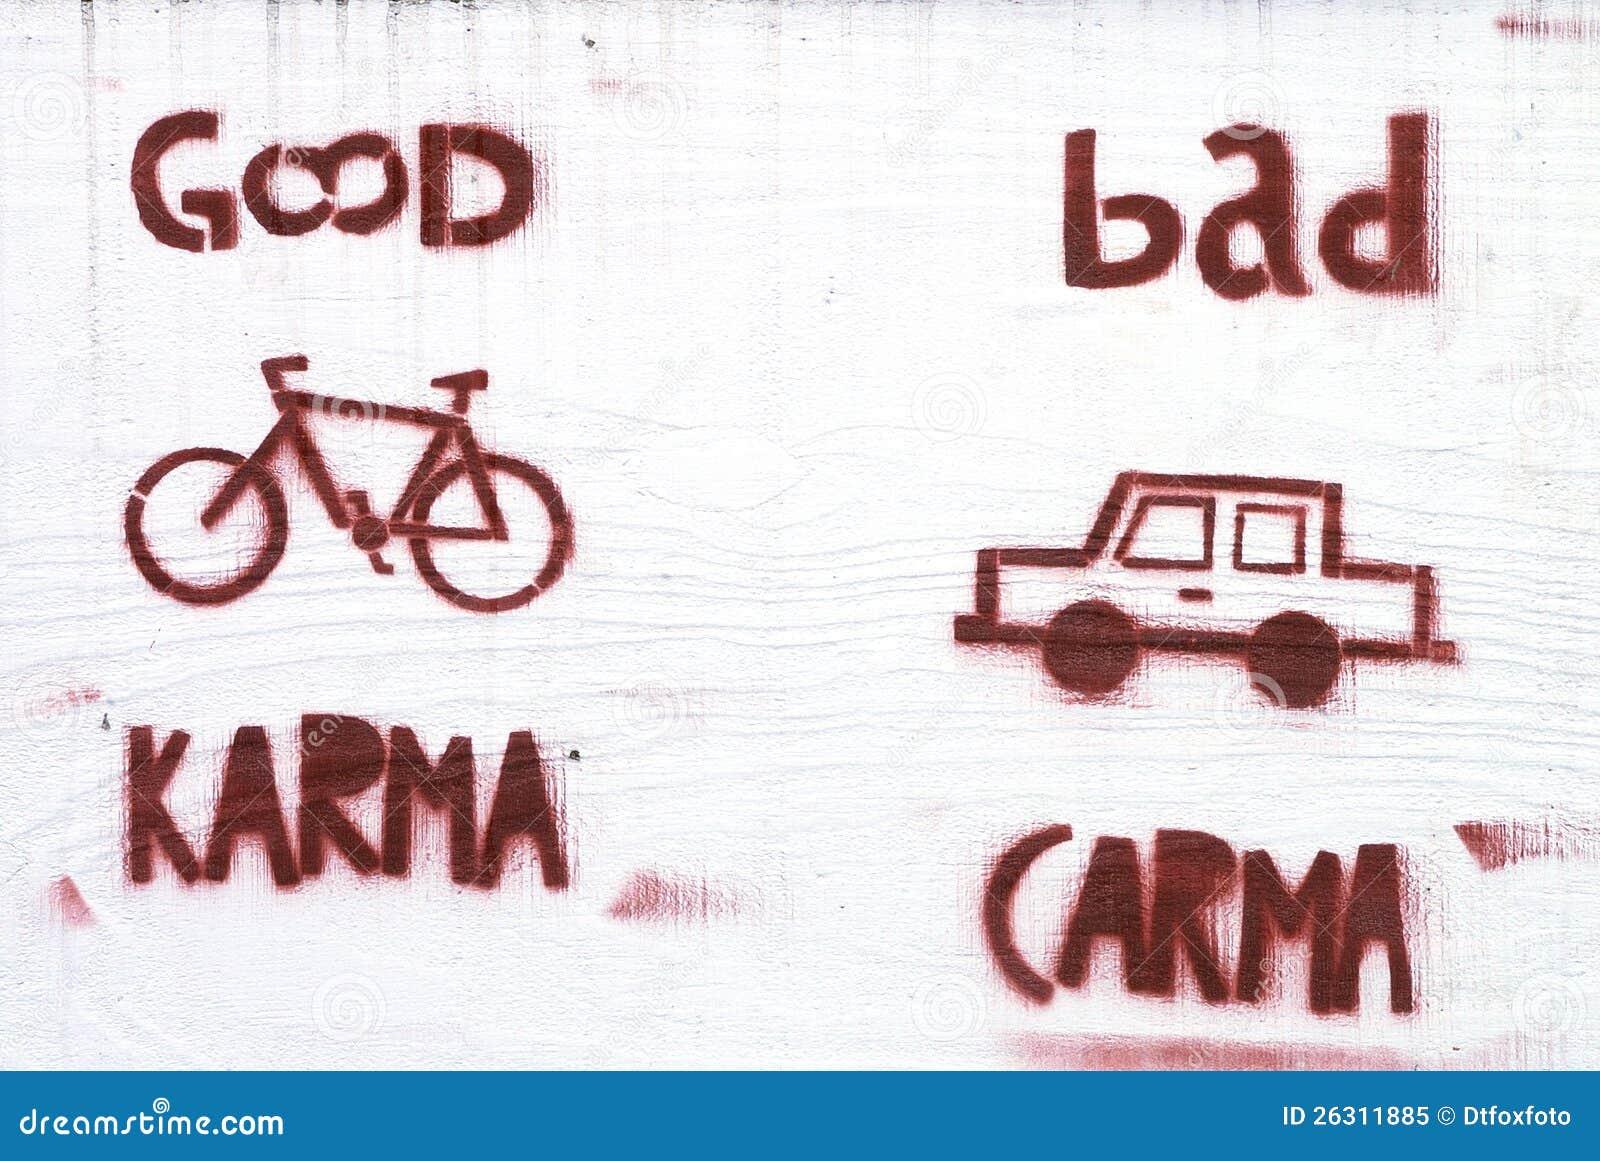 God Bad